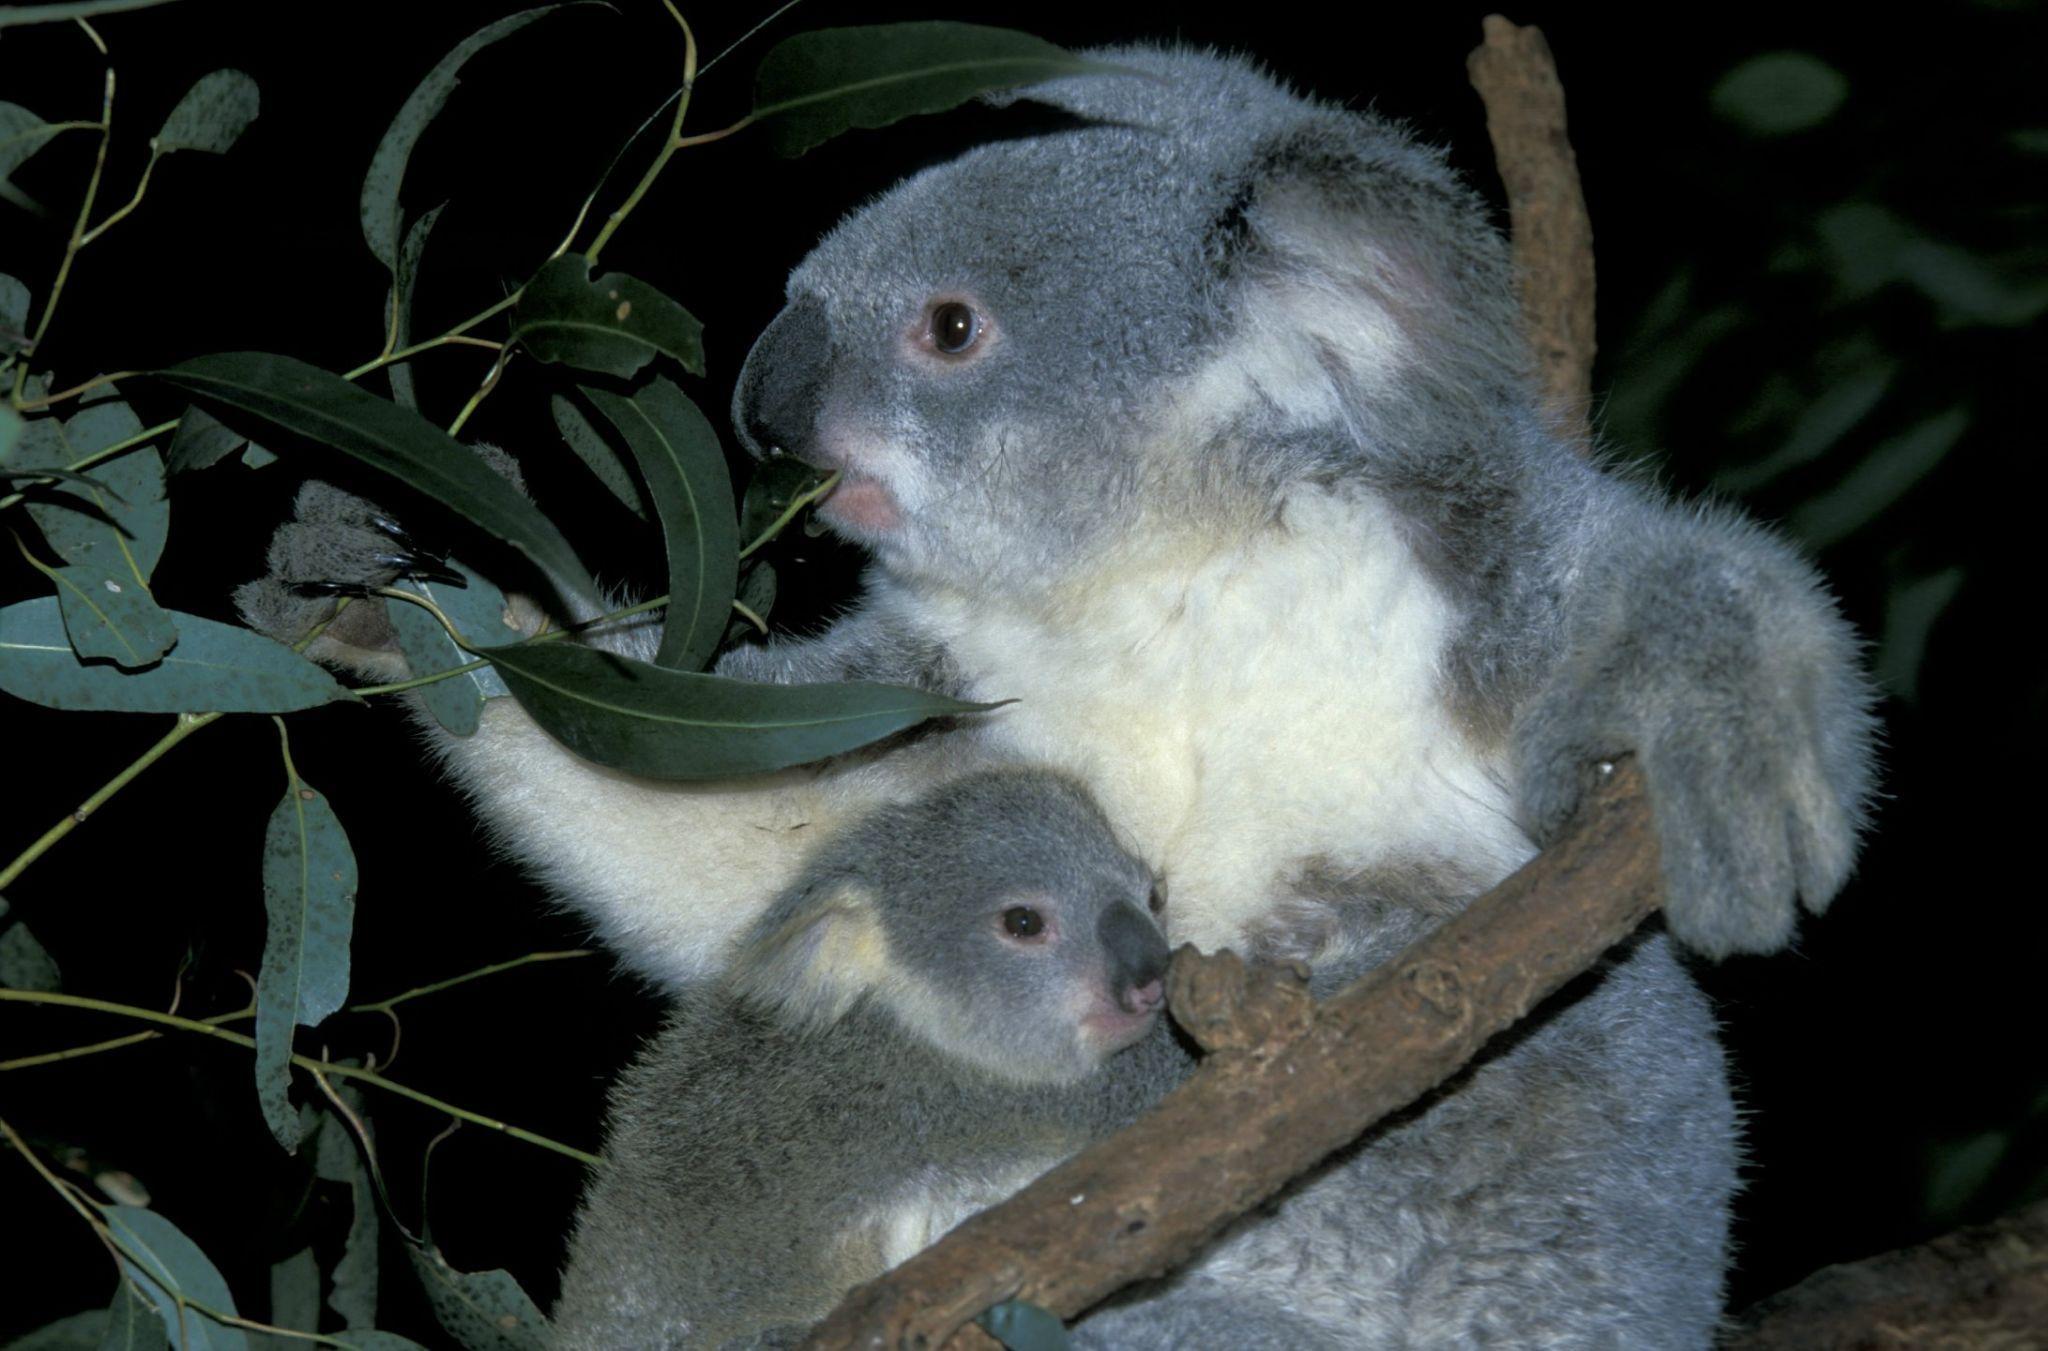 Do koalas spank